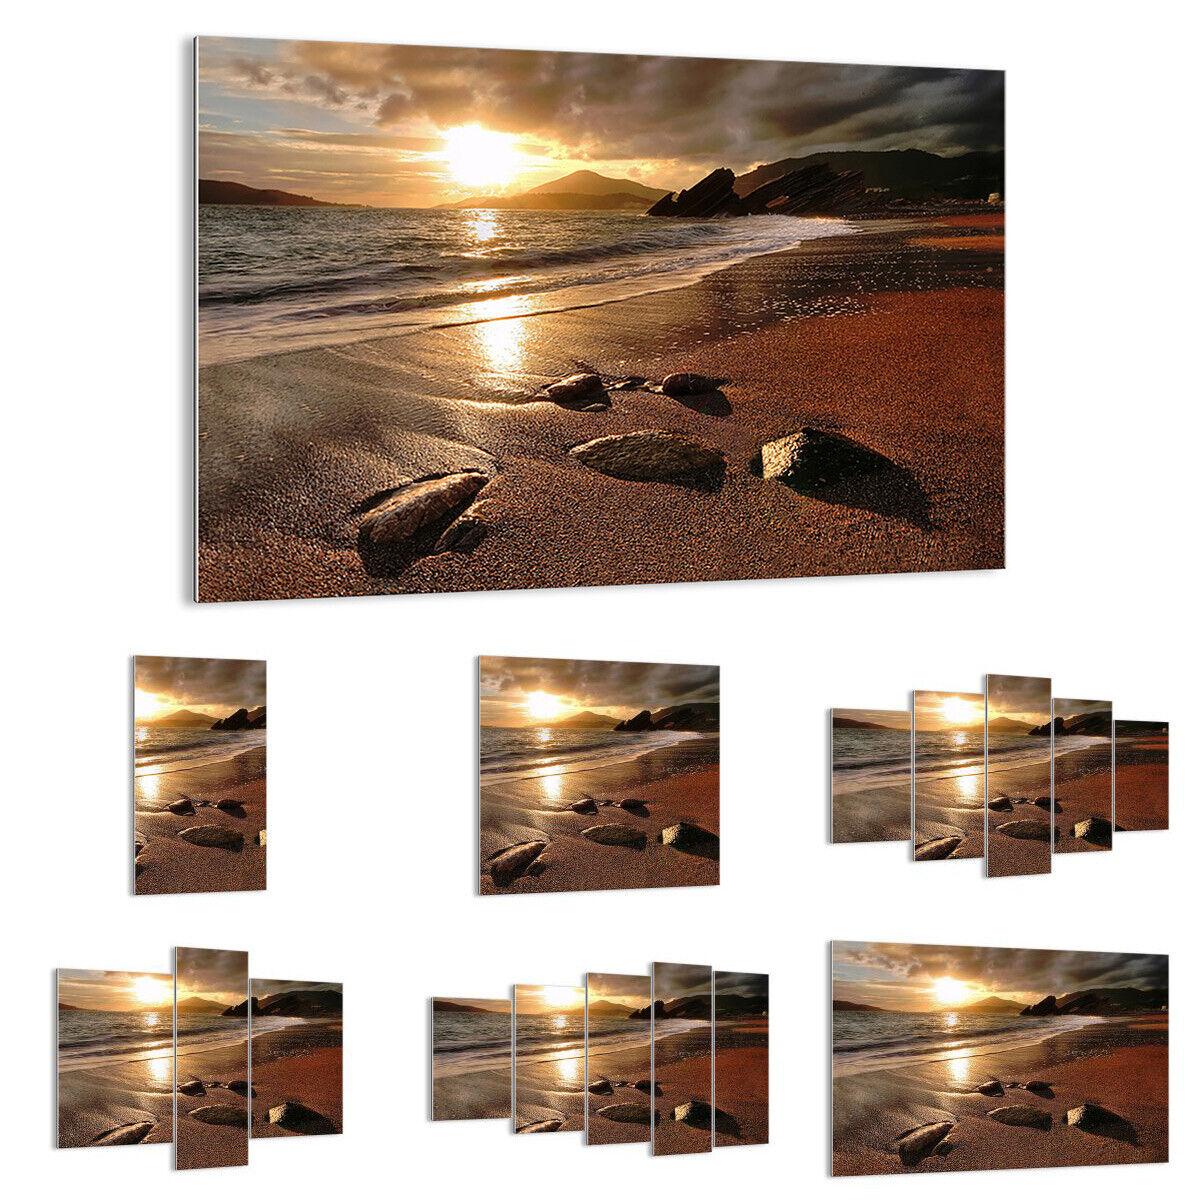 Immagine Di Vetro Immagine Muro Decorazione spiaggia nuvole sera costa 2527 de